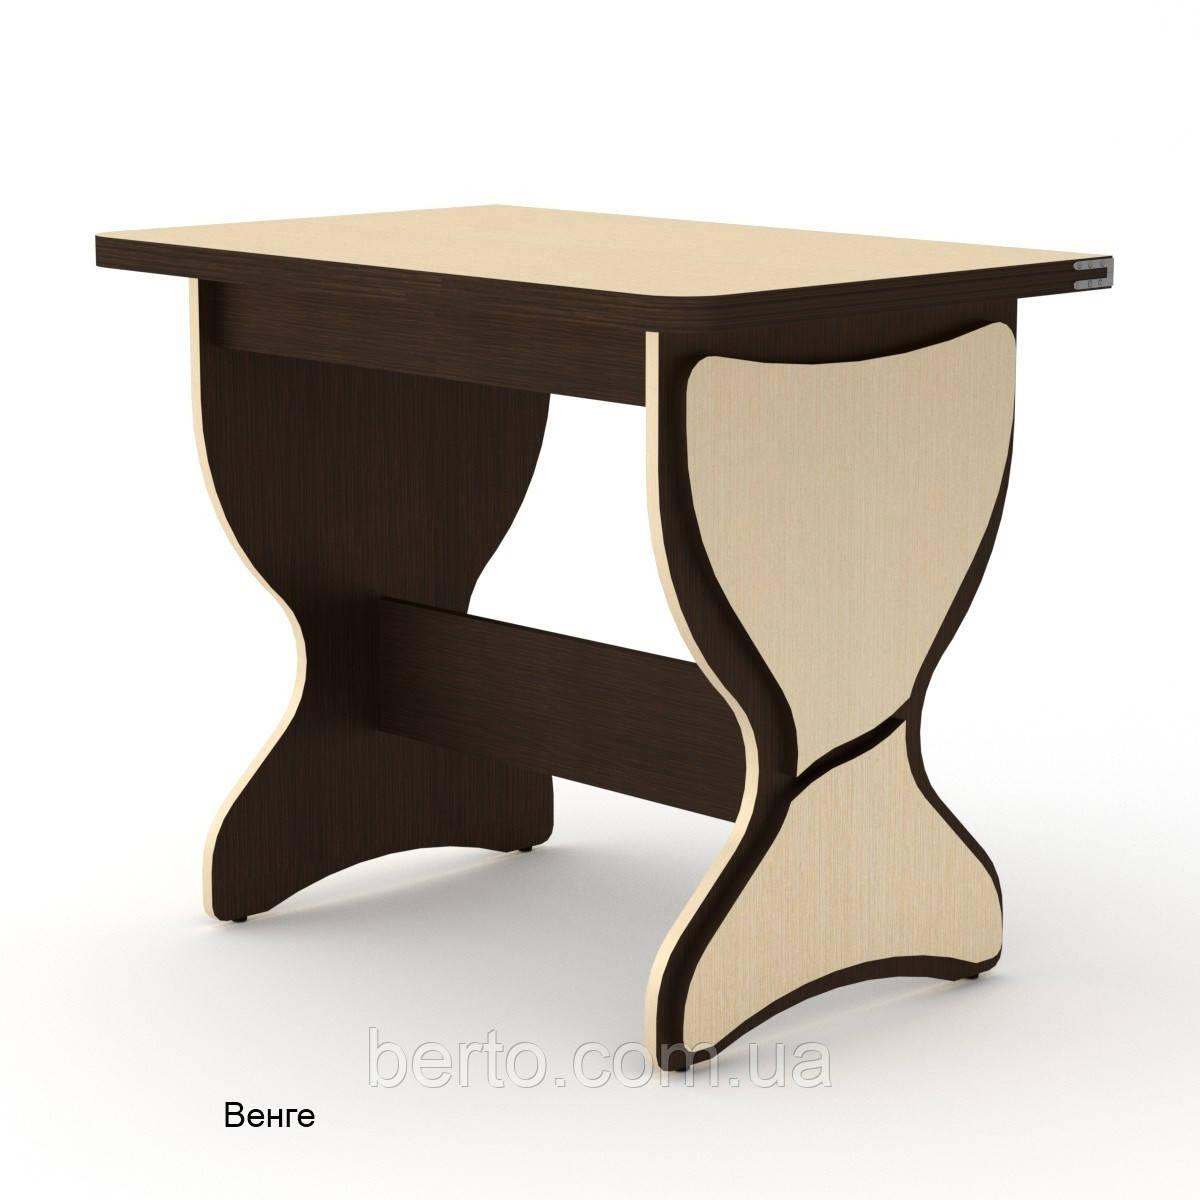 Кухонный стол 4 раскладной